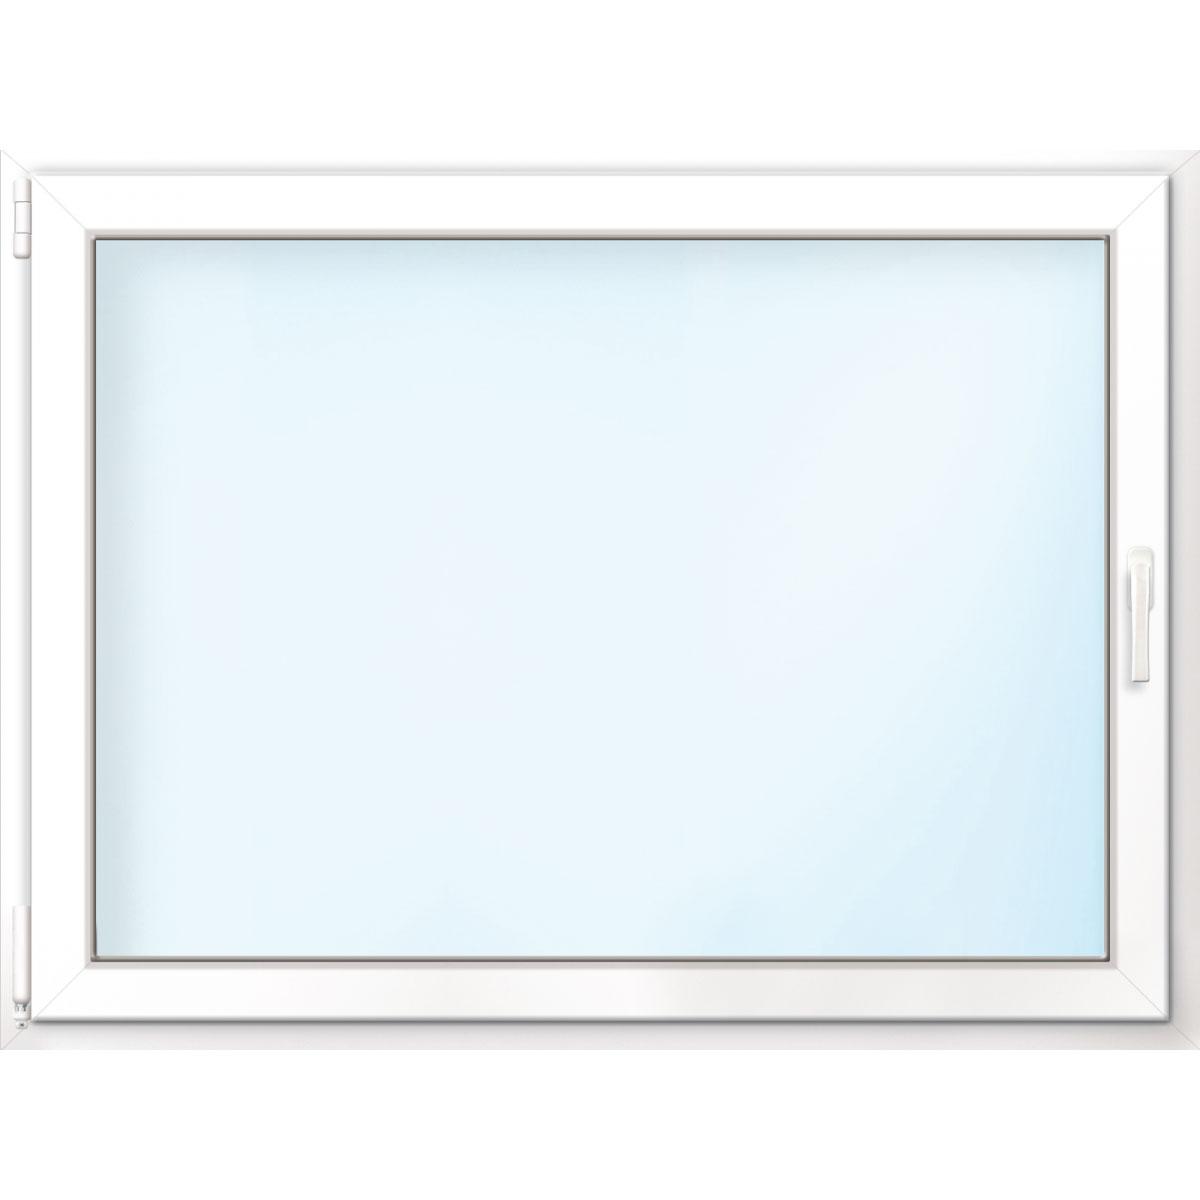 Fenster PVC 70/3 weiß/weiß Anschlag links 75x50 cm